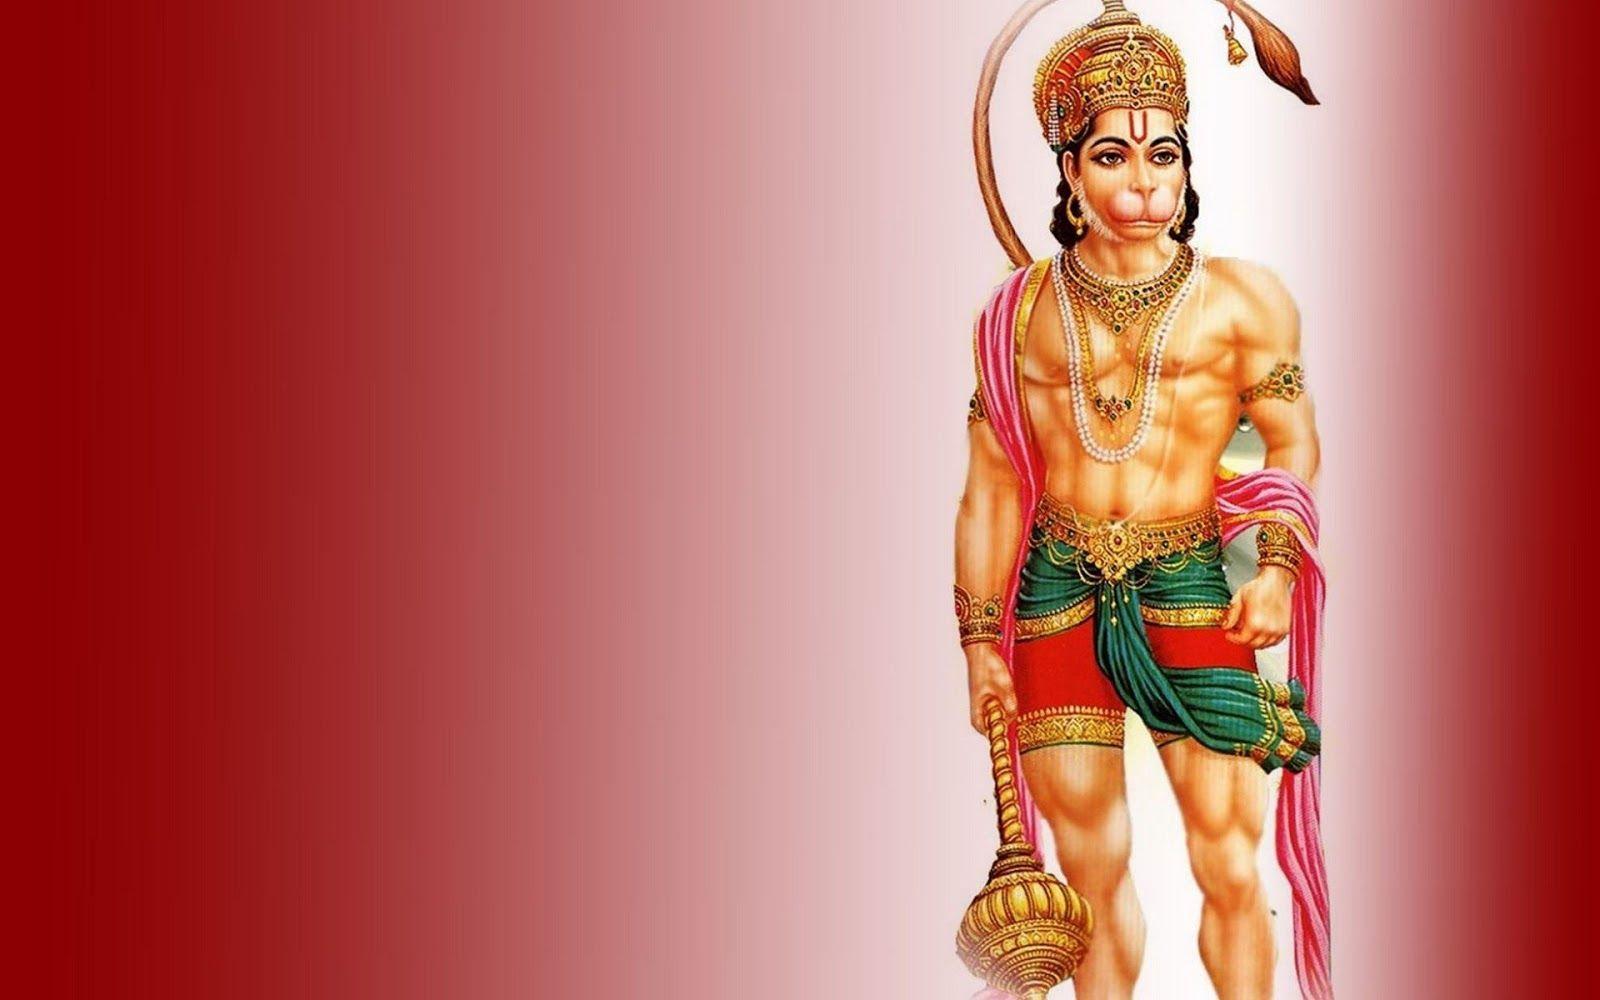 Jai Hanuman Wallpapers HD - Wallpaper Cave